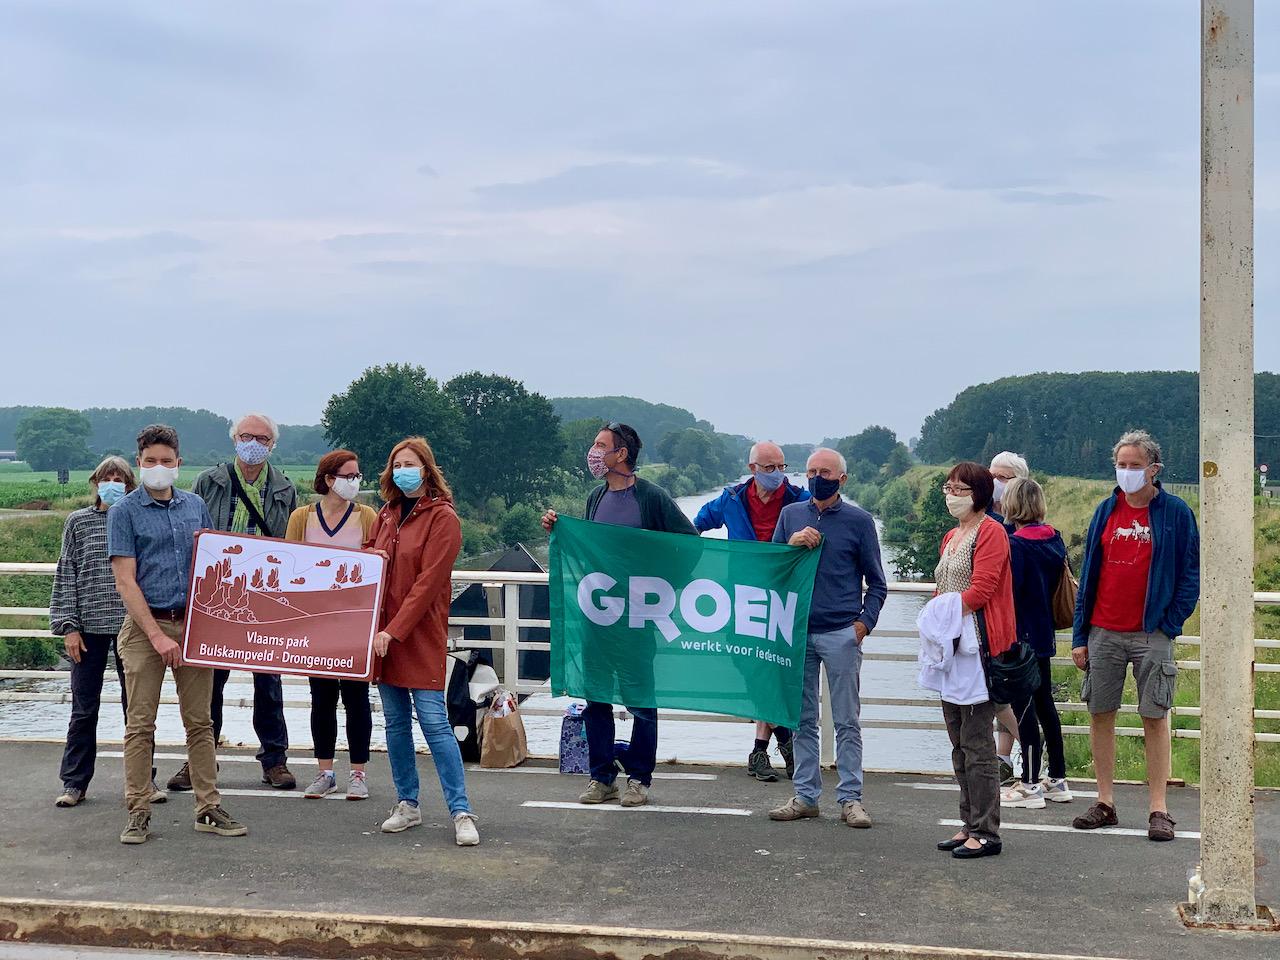 Groenen uit West-Vlaanderen (Beernem, Oostkamp)